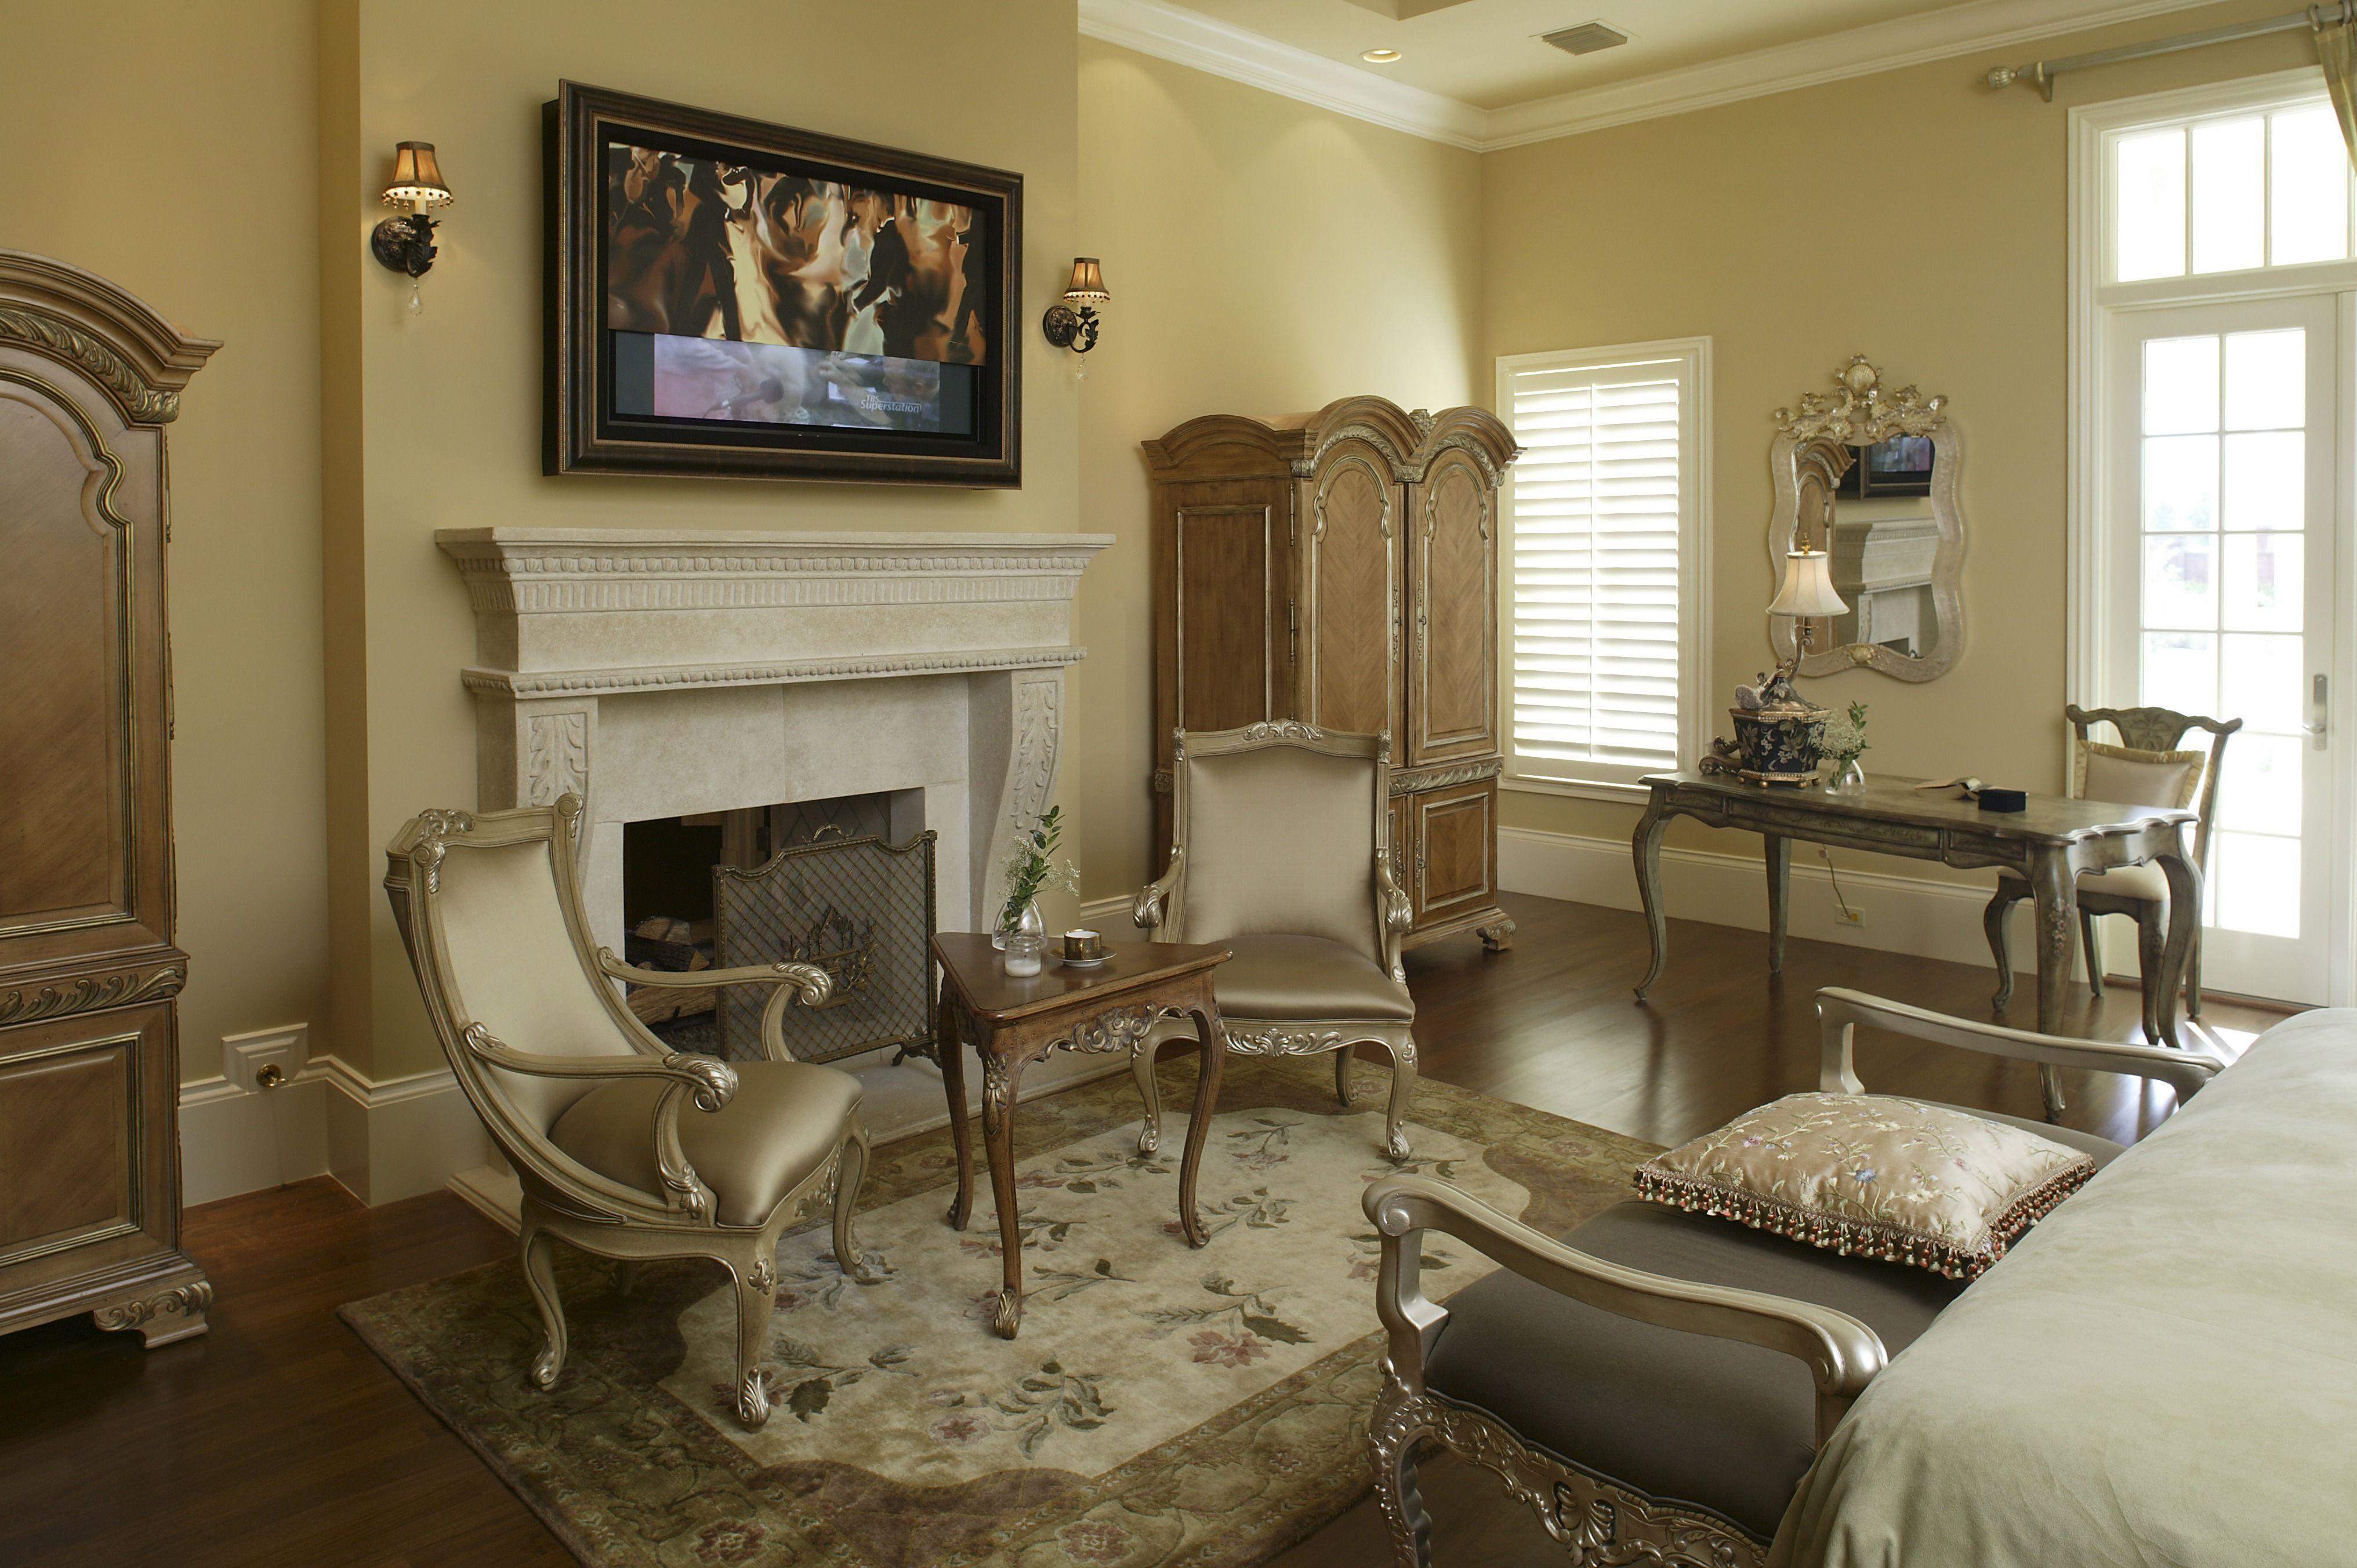 Master bedroom hardwood floors  Elegant master bedroom with hardwood floors a classic wooden desk